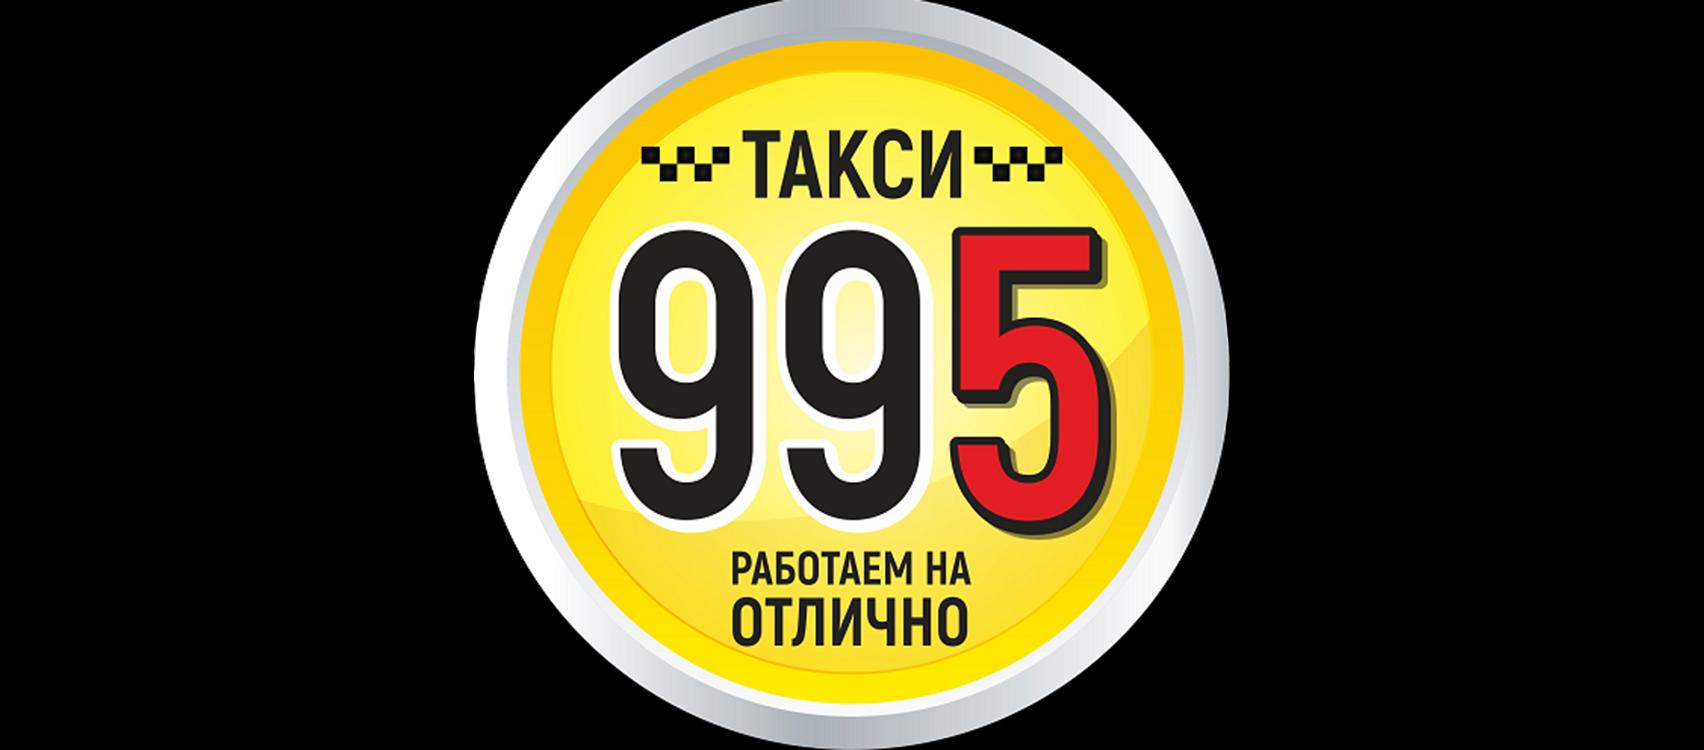 Таксі 995  (Николаев)